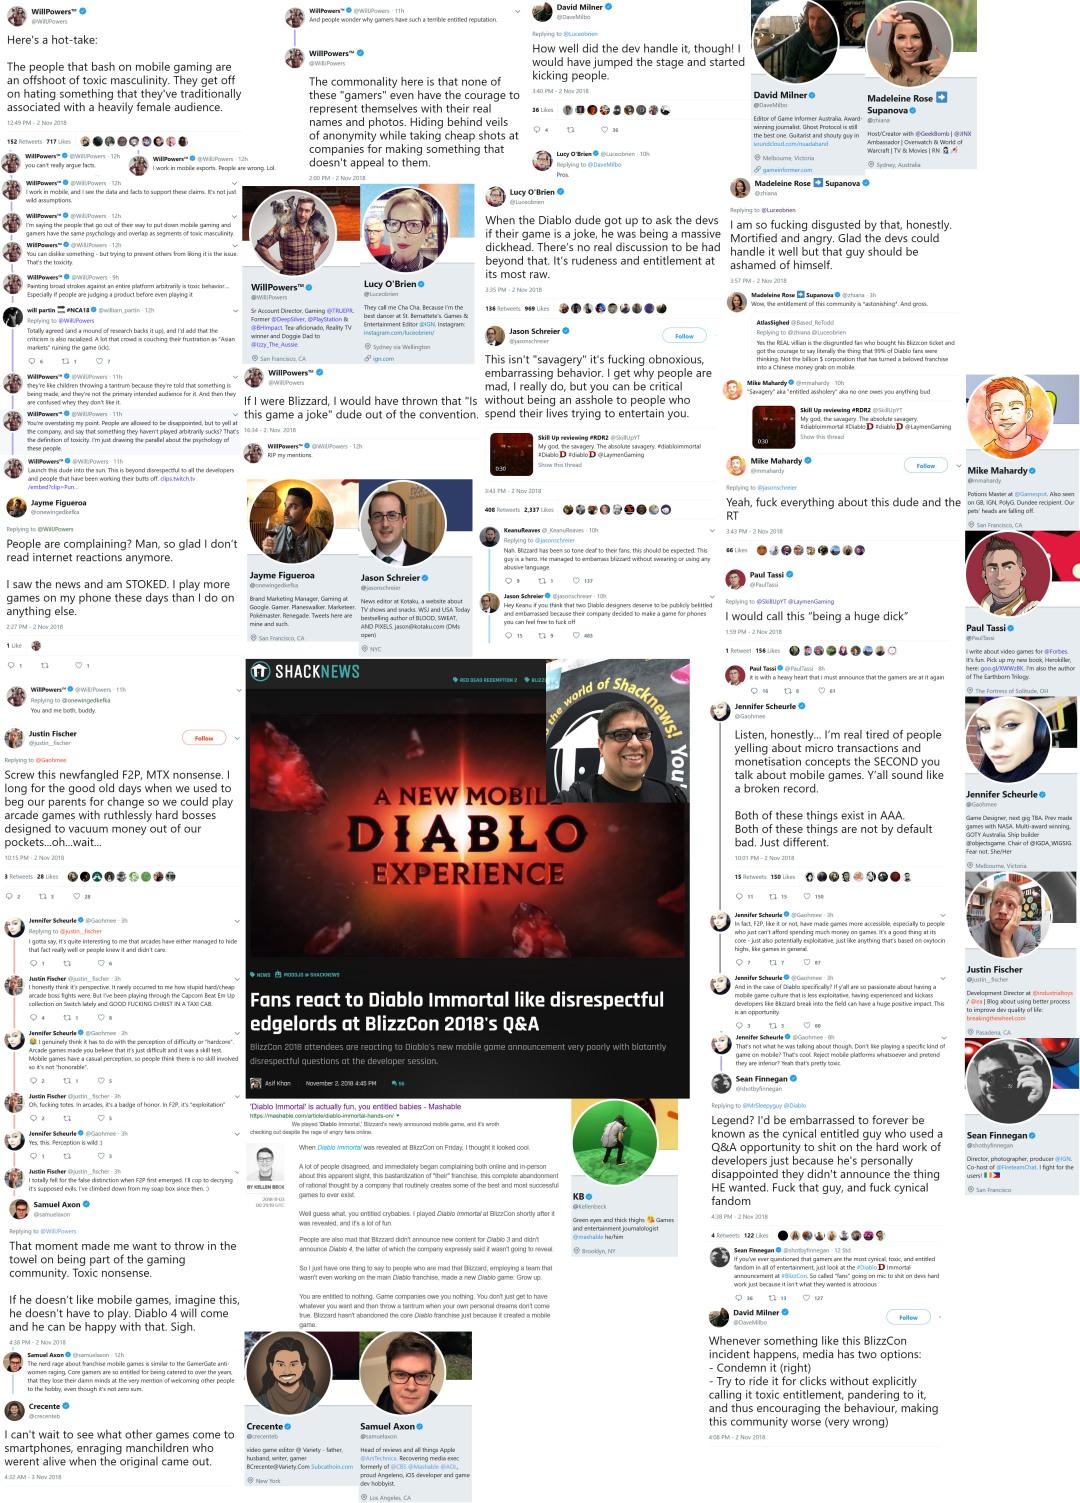 Games media Diablo Immortal